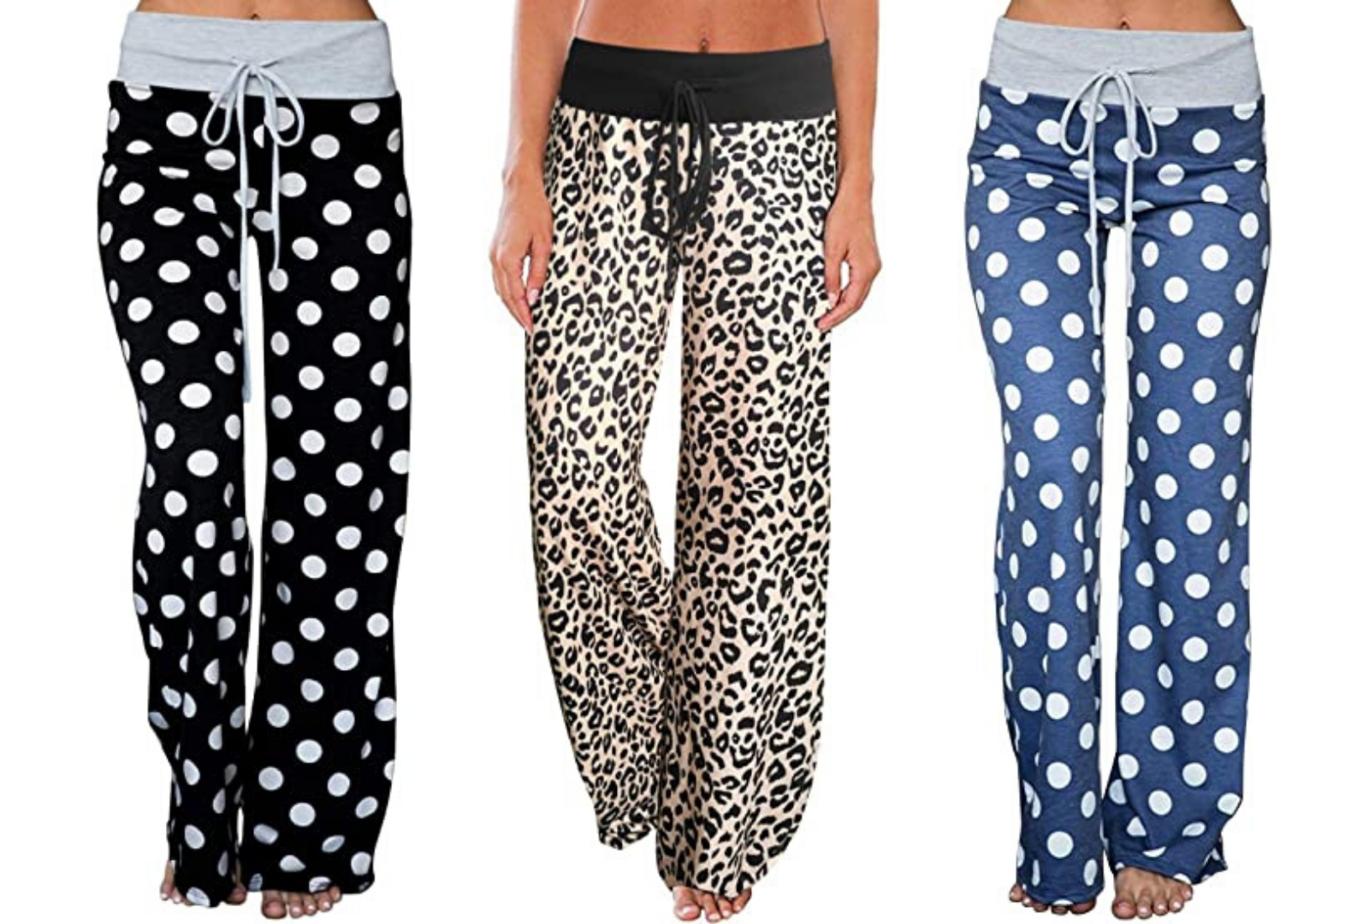 amazon print loungewear pants